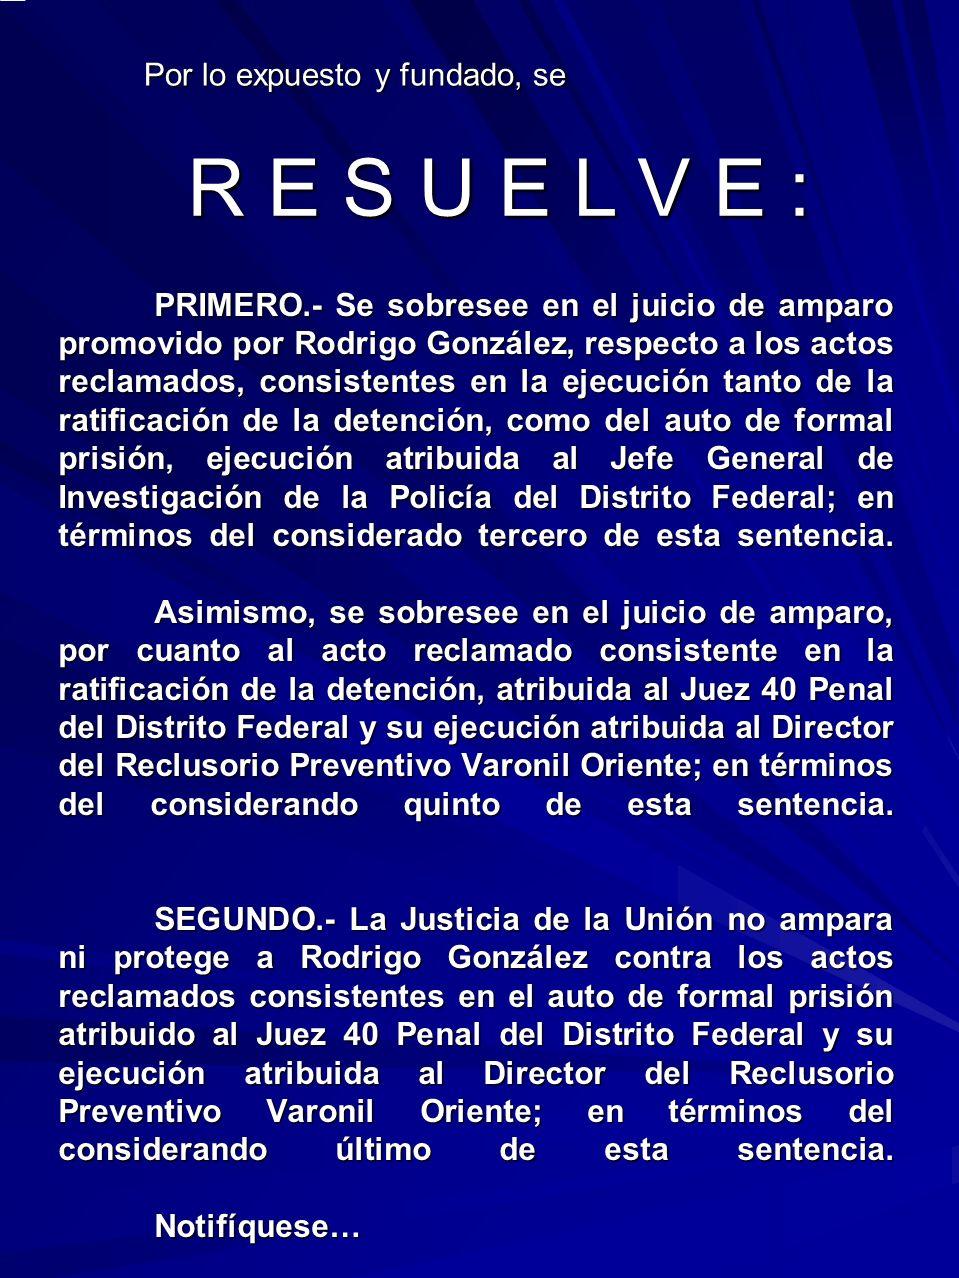 PRIMERO.- Se sobresee en el juicio de amparo promovido por Rodrigo González, respecto a los actos reclamados, consistentes en la ejecución tanto de la